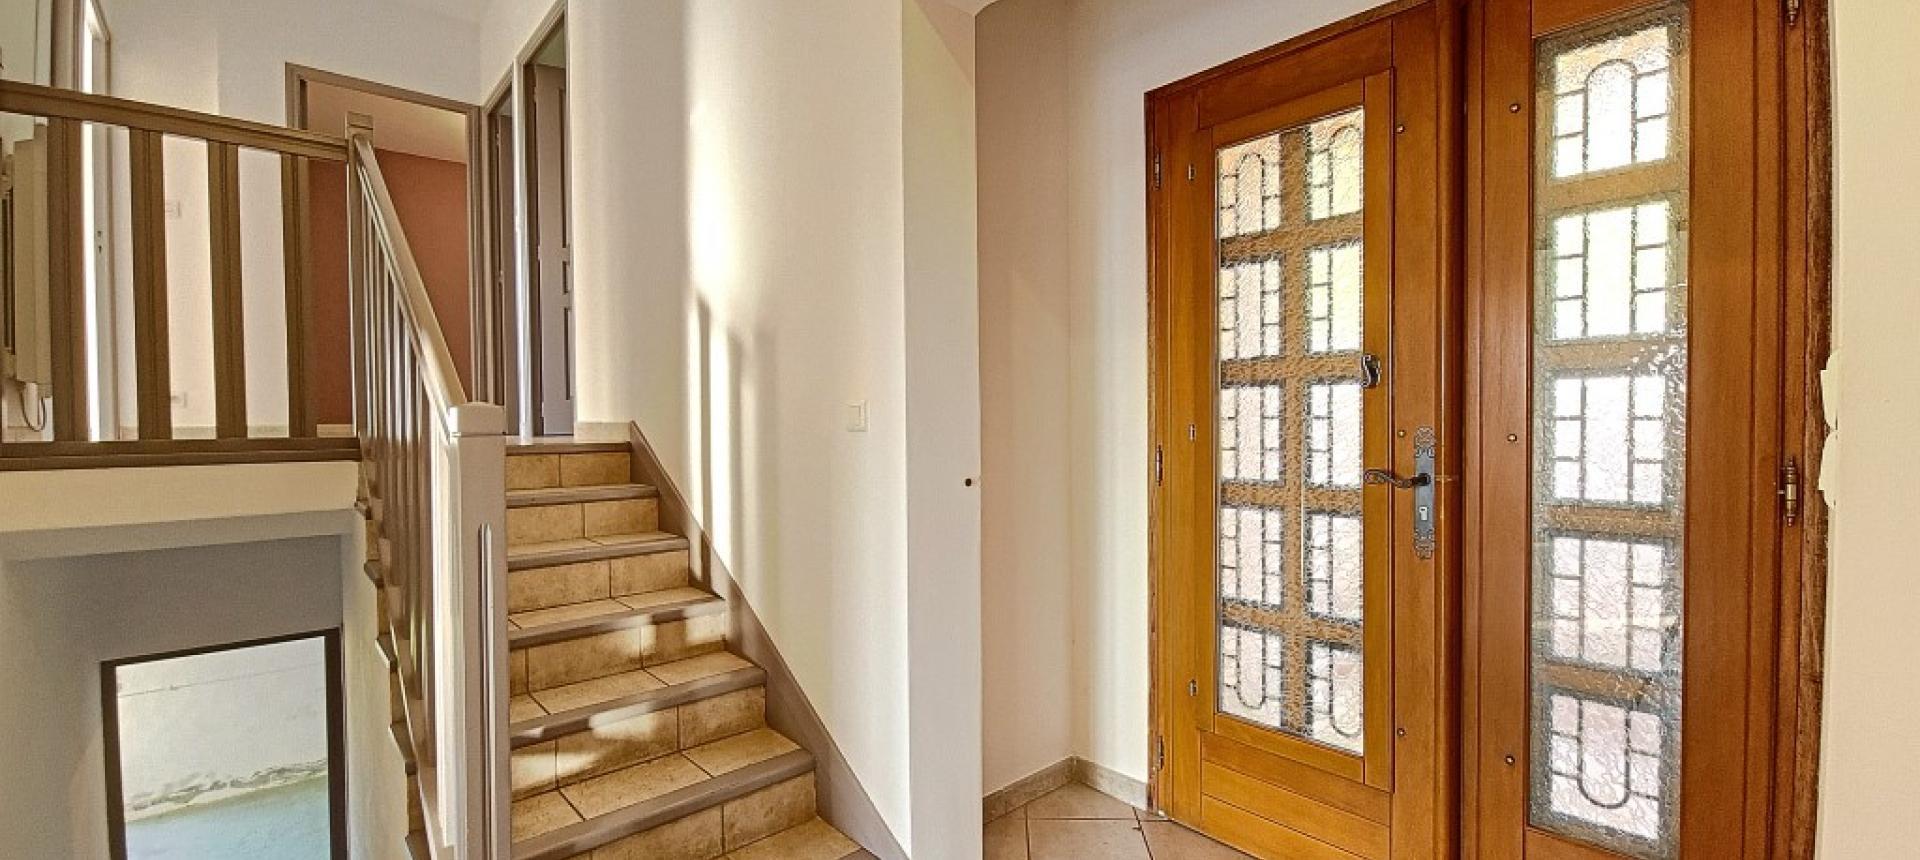 Villa F4 à louer avec jardin et terrasse à Bastelicaccia entrée